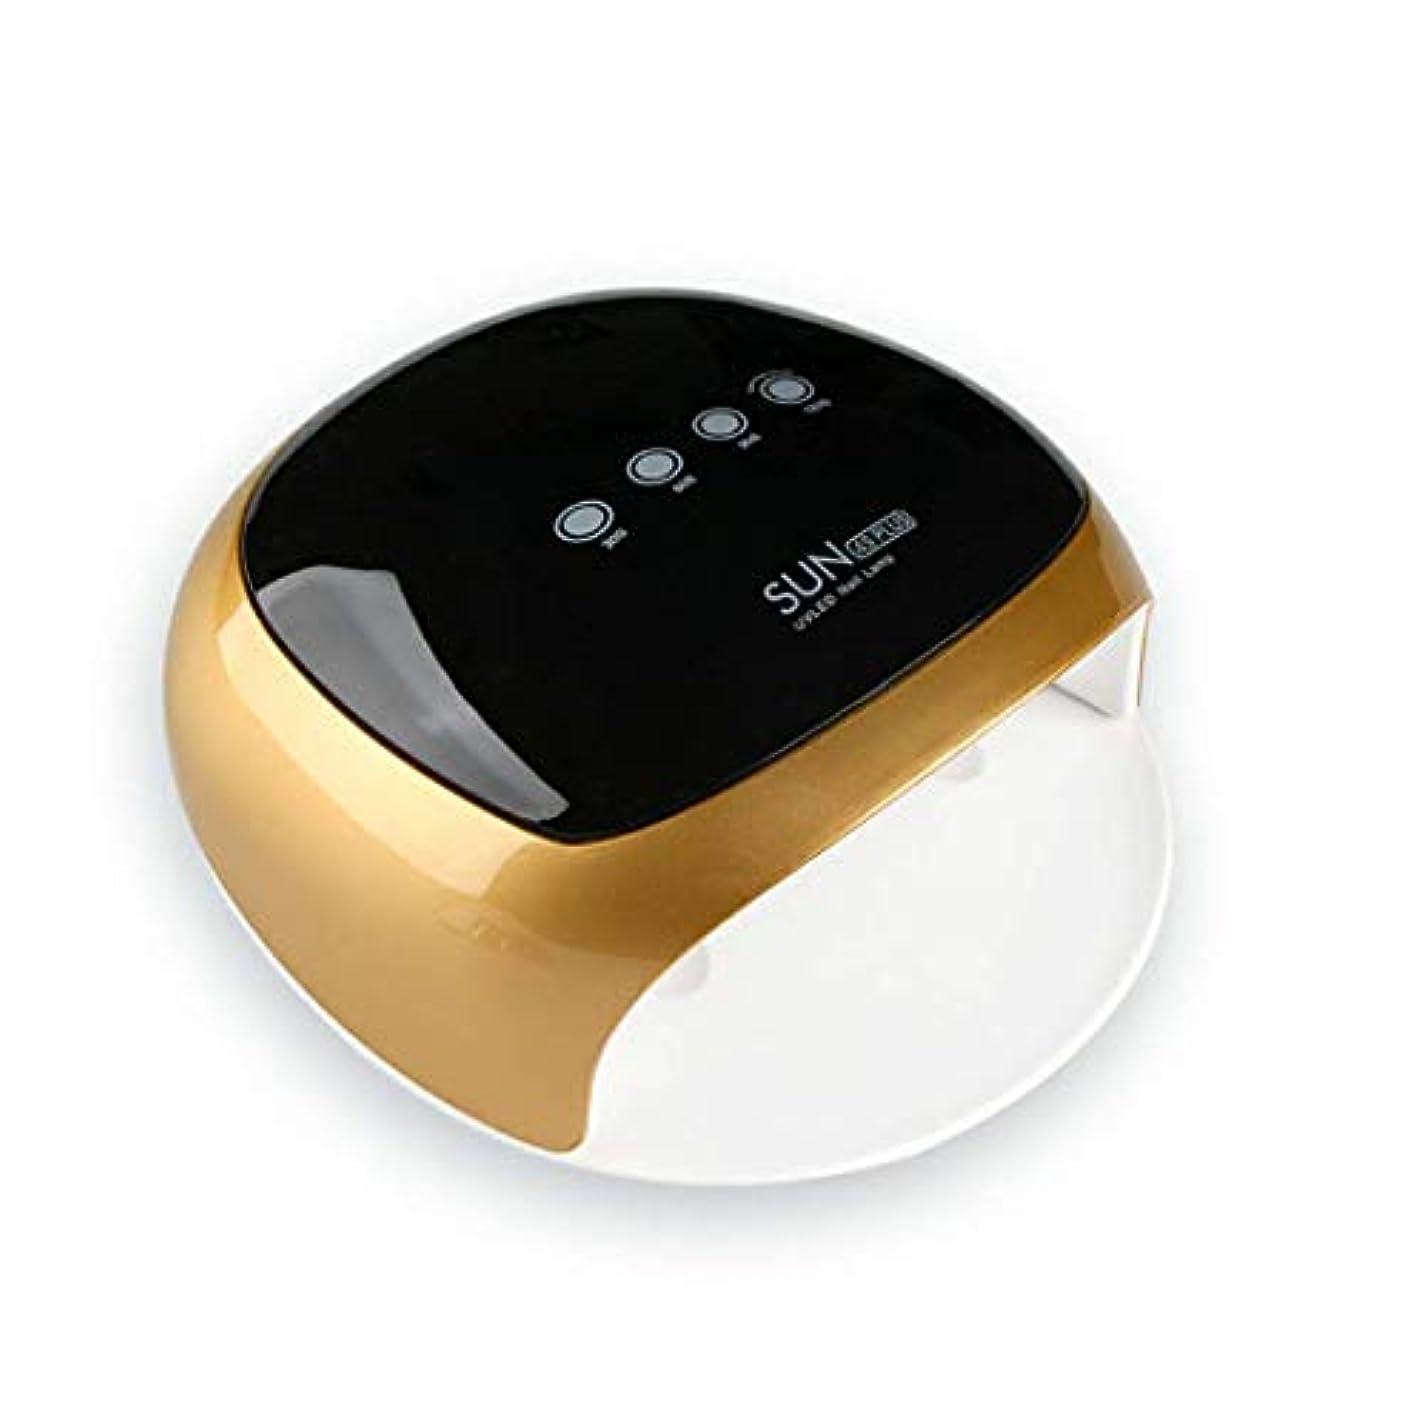 抜け目のない練るマウスピースKUNIDE ネイルライト 硬化ライト ネイルドライヤー UV/LEDライト 52W ネイルランプ 速乾性 タッチキー 自動センサー付き 4段階タイマー機能 ジェルネイル用 手足兼用 (きんいろ)